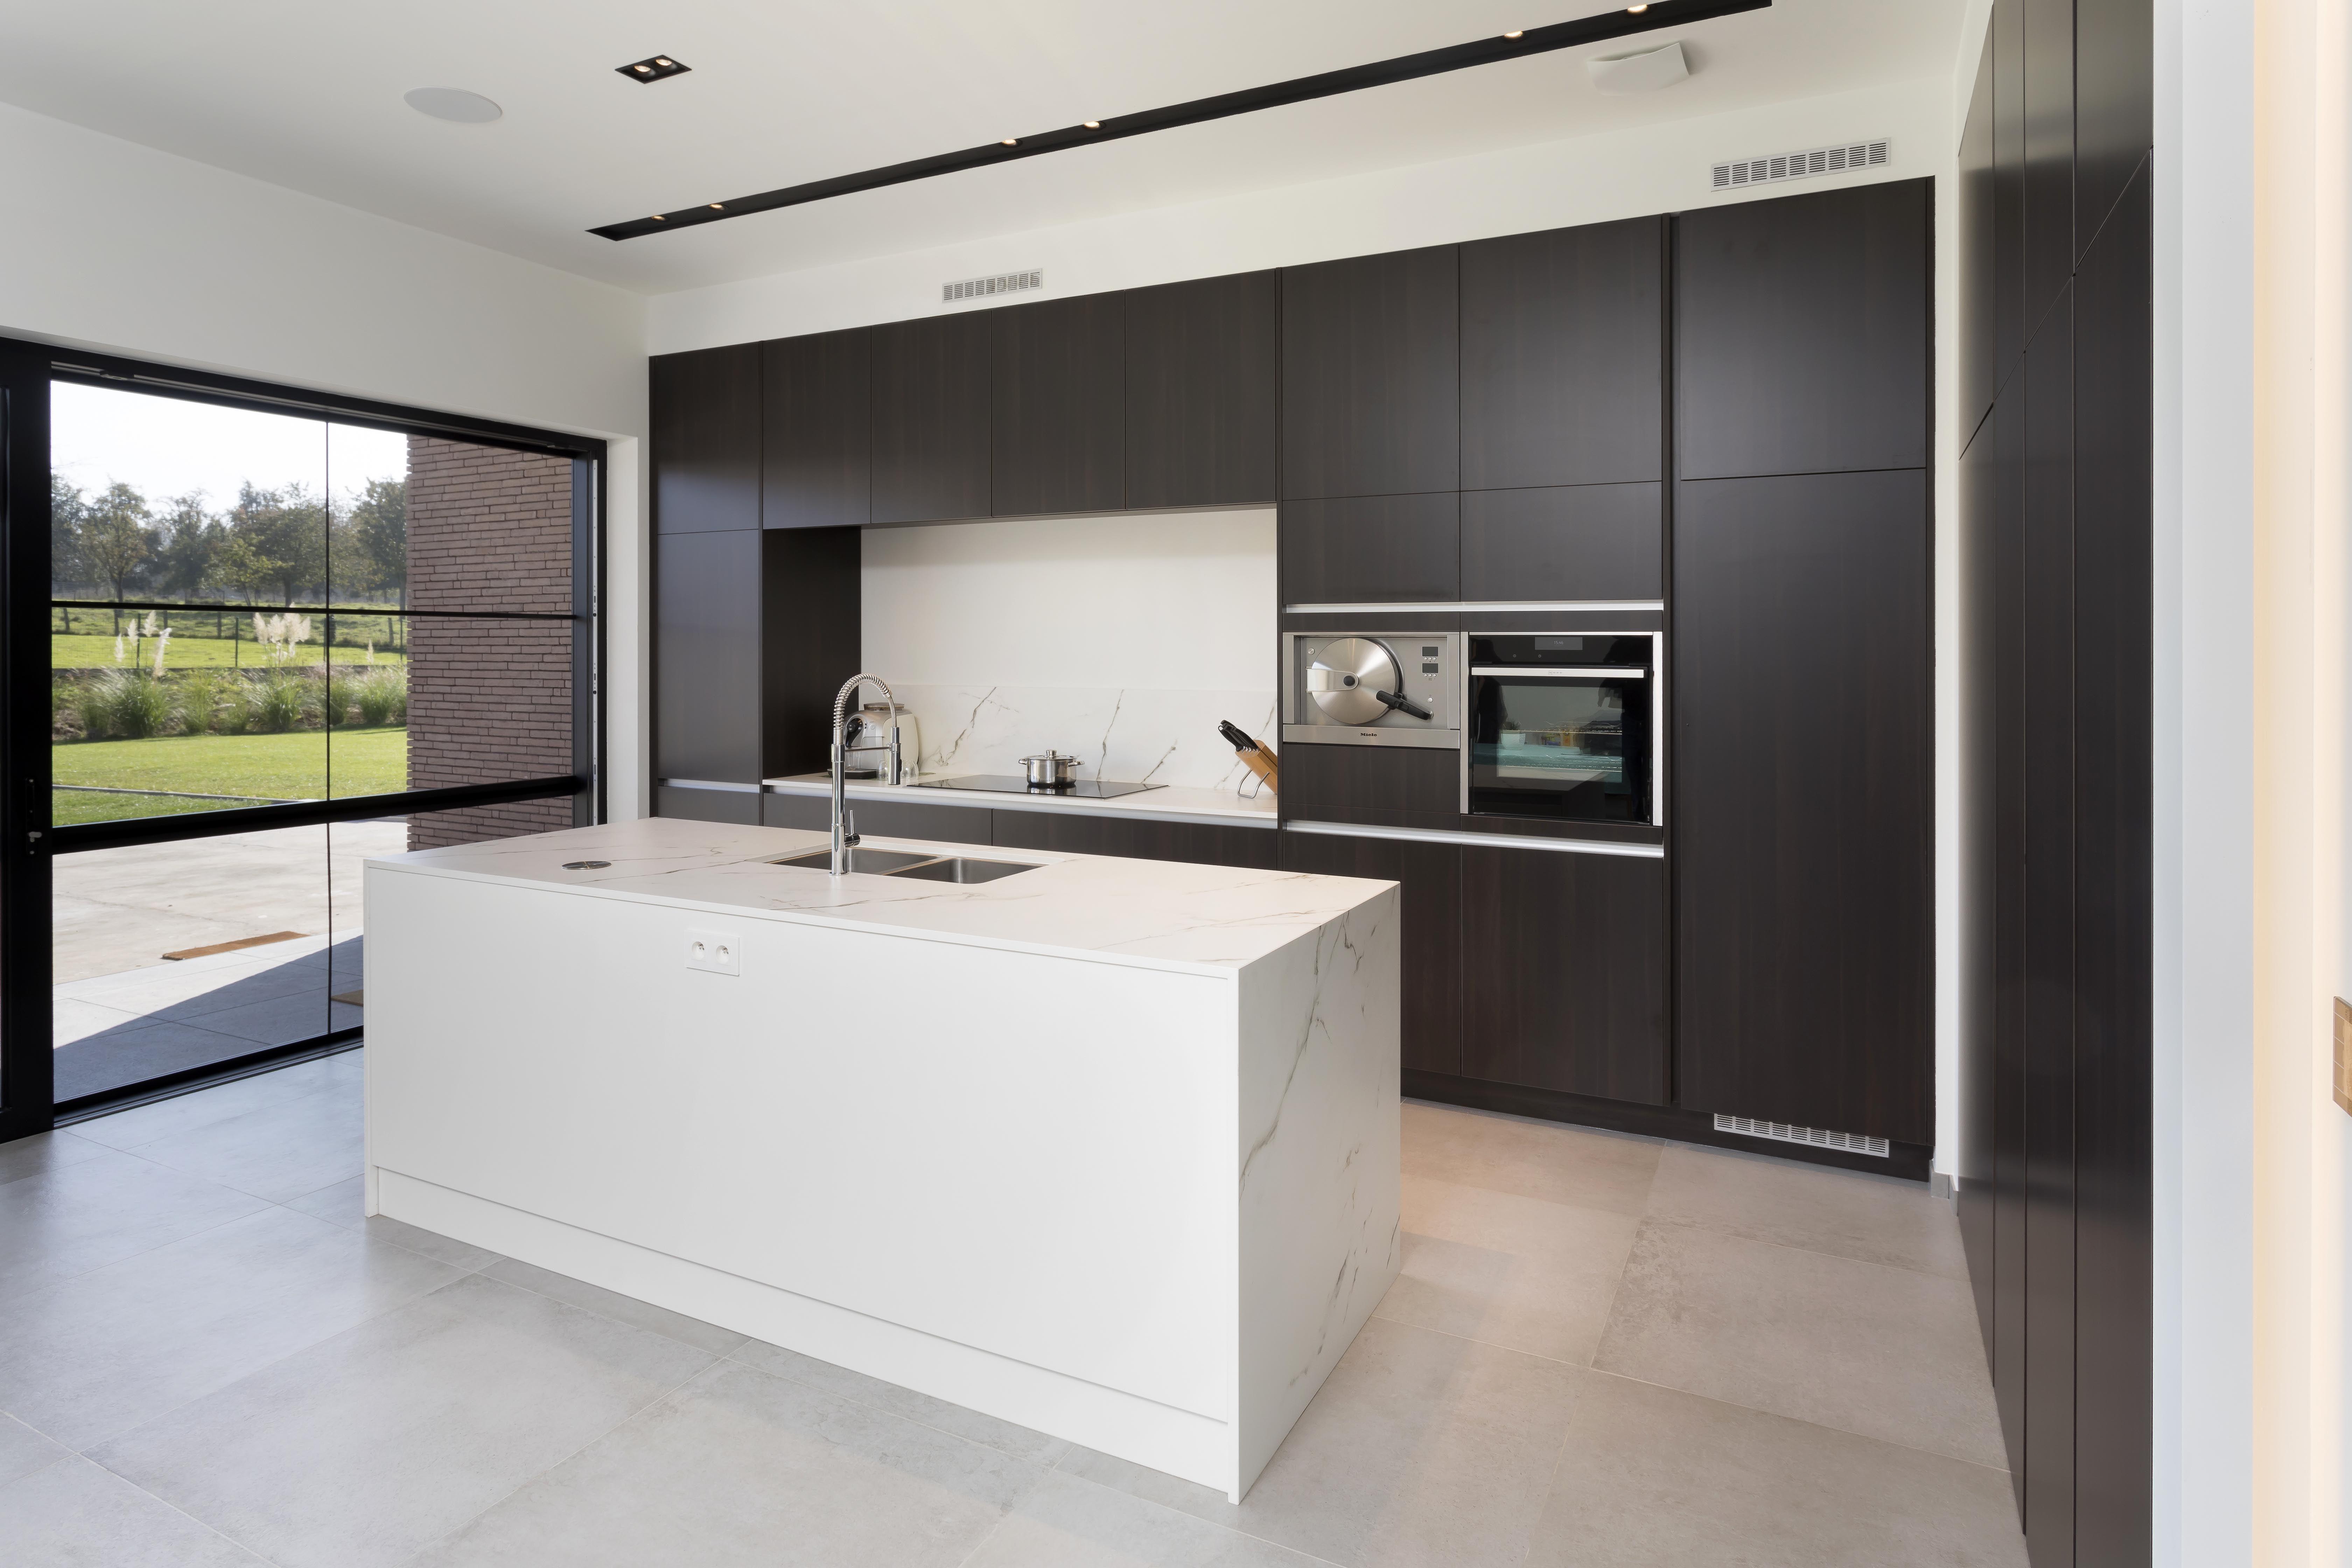 Franssen Keukens Design : Franssen keukens trendy moderne keukens trendy